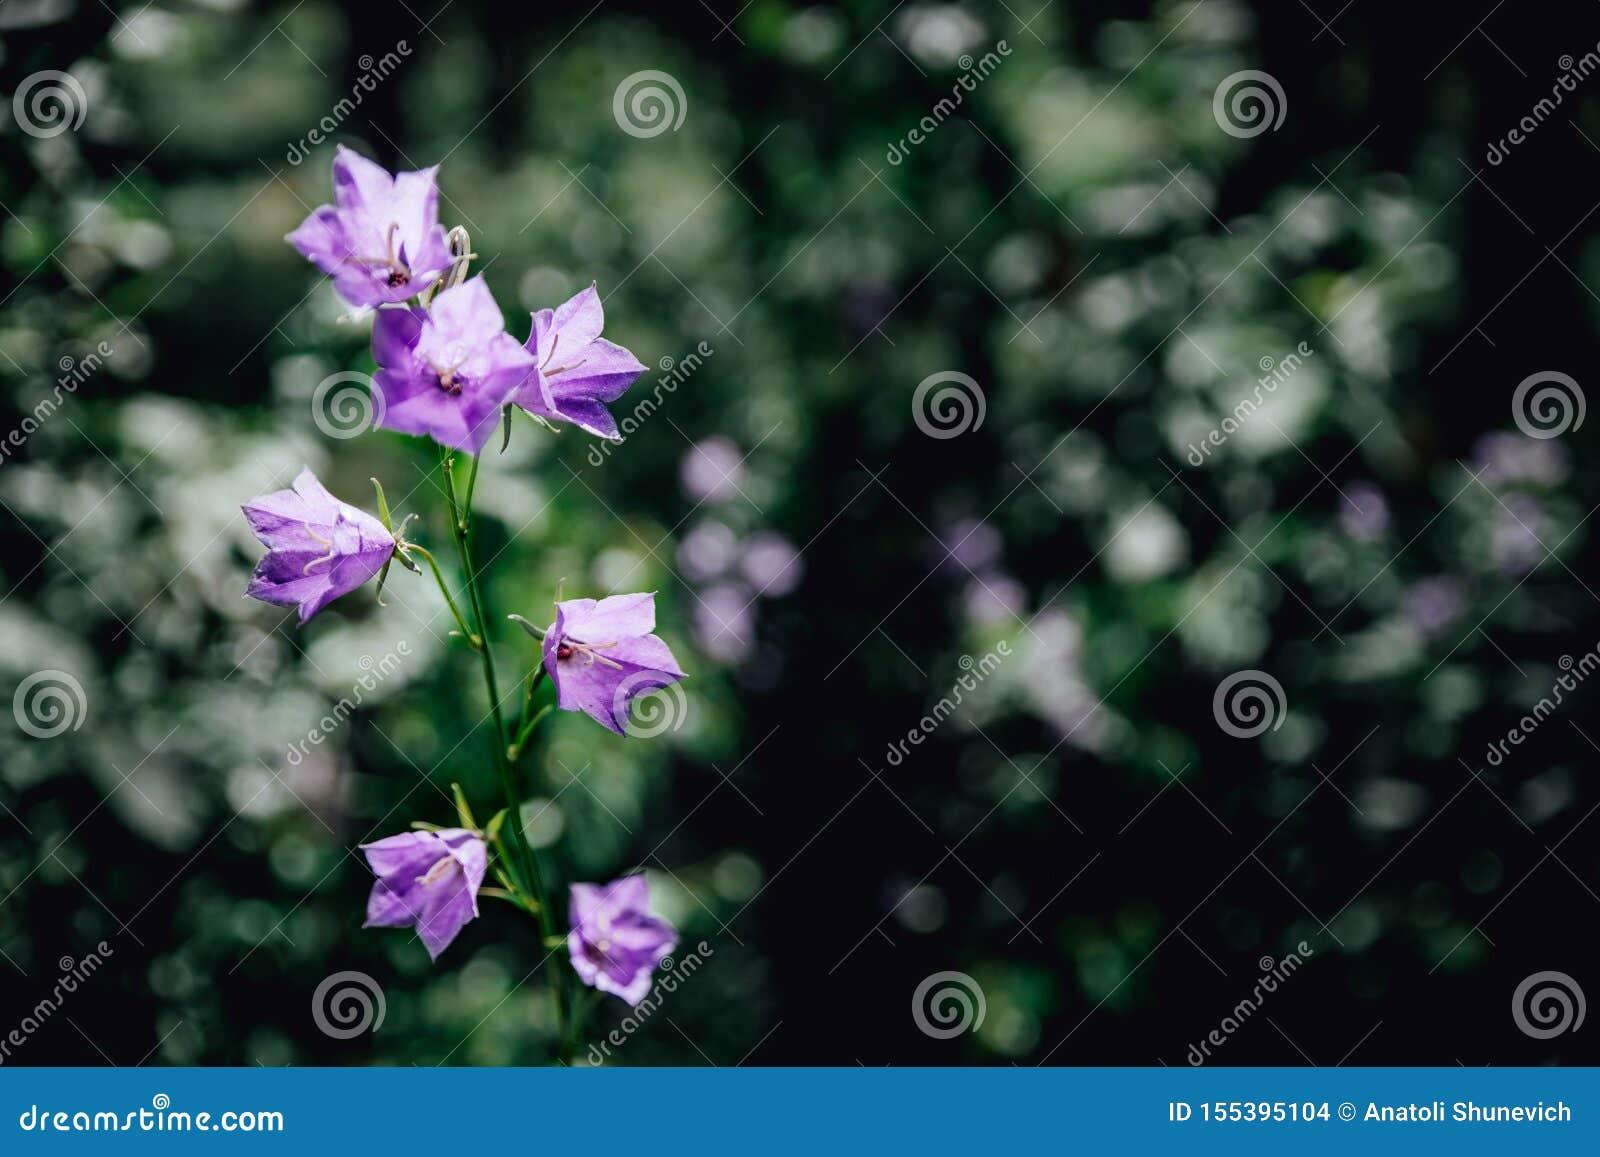 Lilac klokken bloeien in de de zomer bos Bosklokken op een Zonnige dag Blauwe bloemen in gras dichte omhooggaand